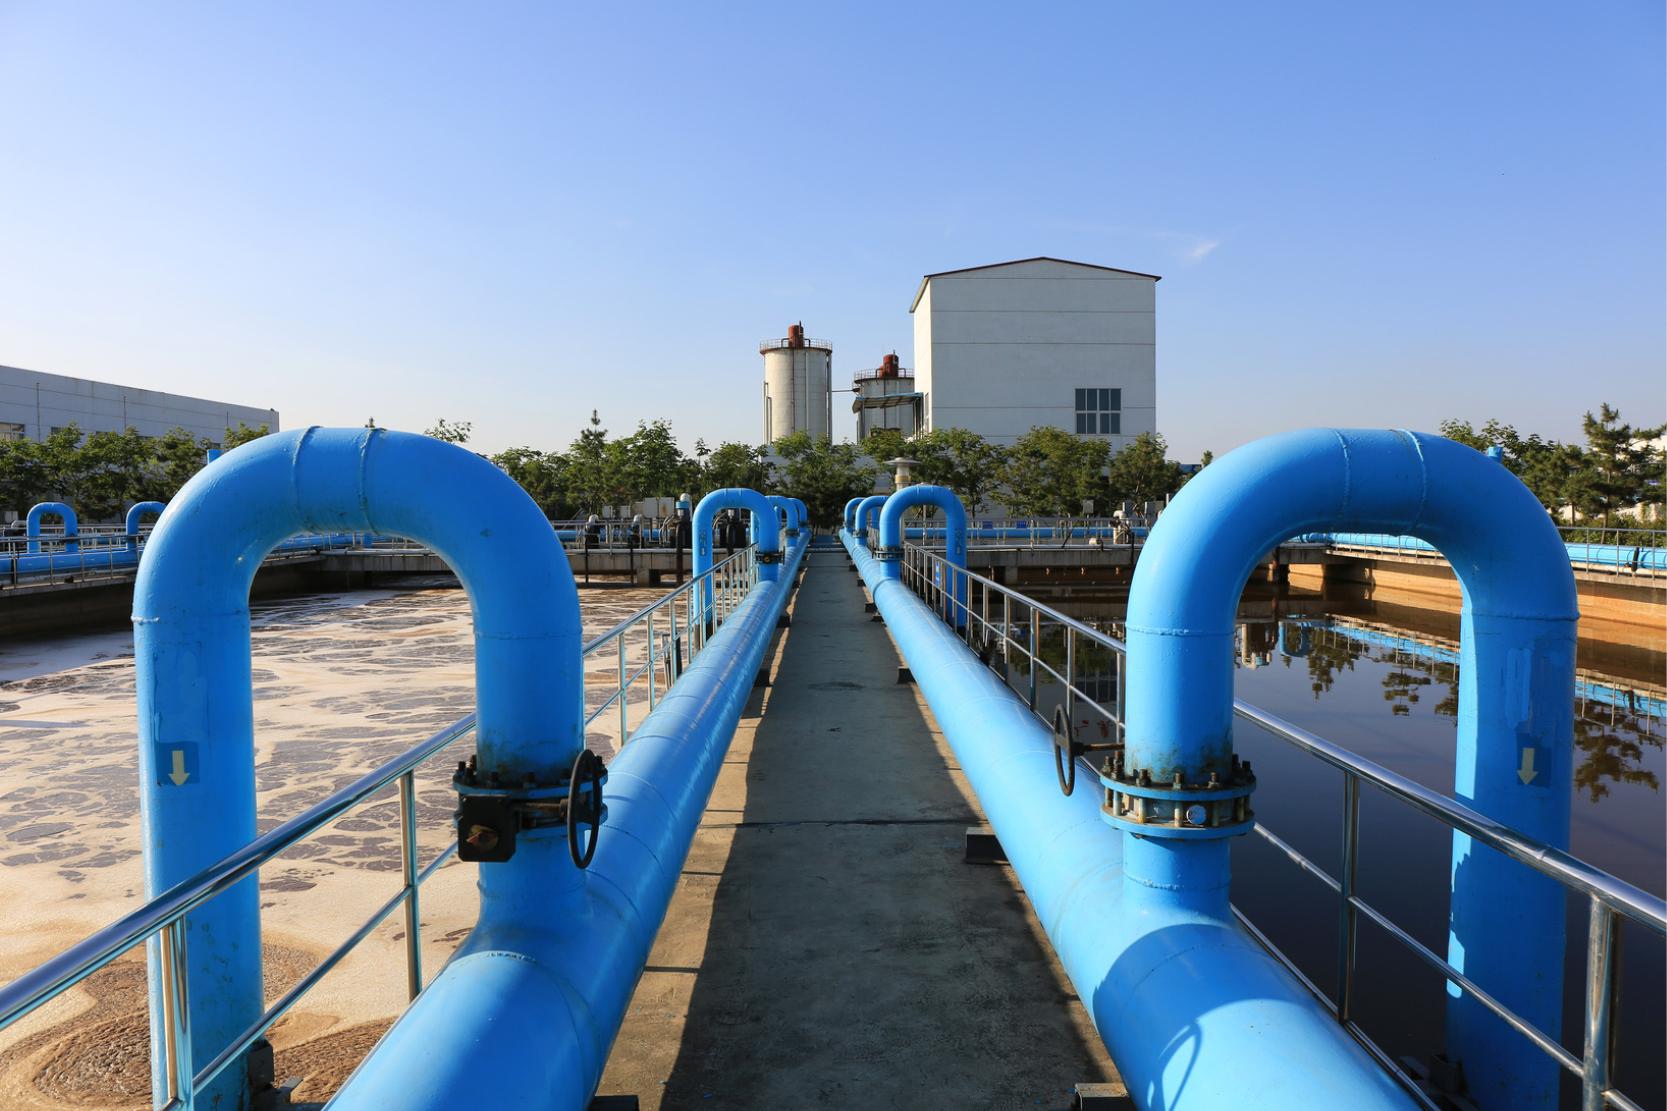 Equipos-Tratamiento-Agua-Potable-y-Residual-4.jpg